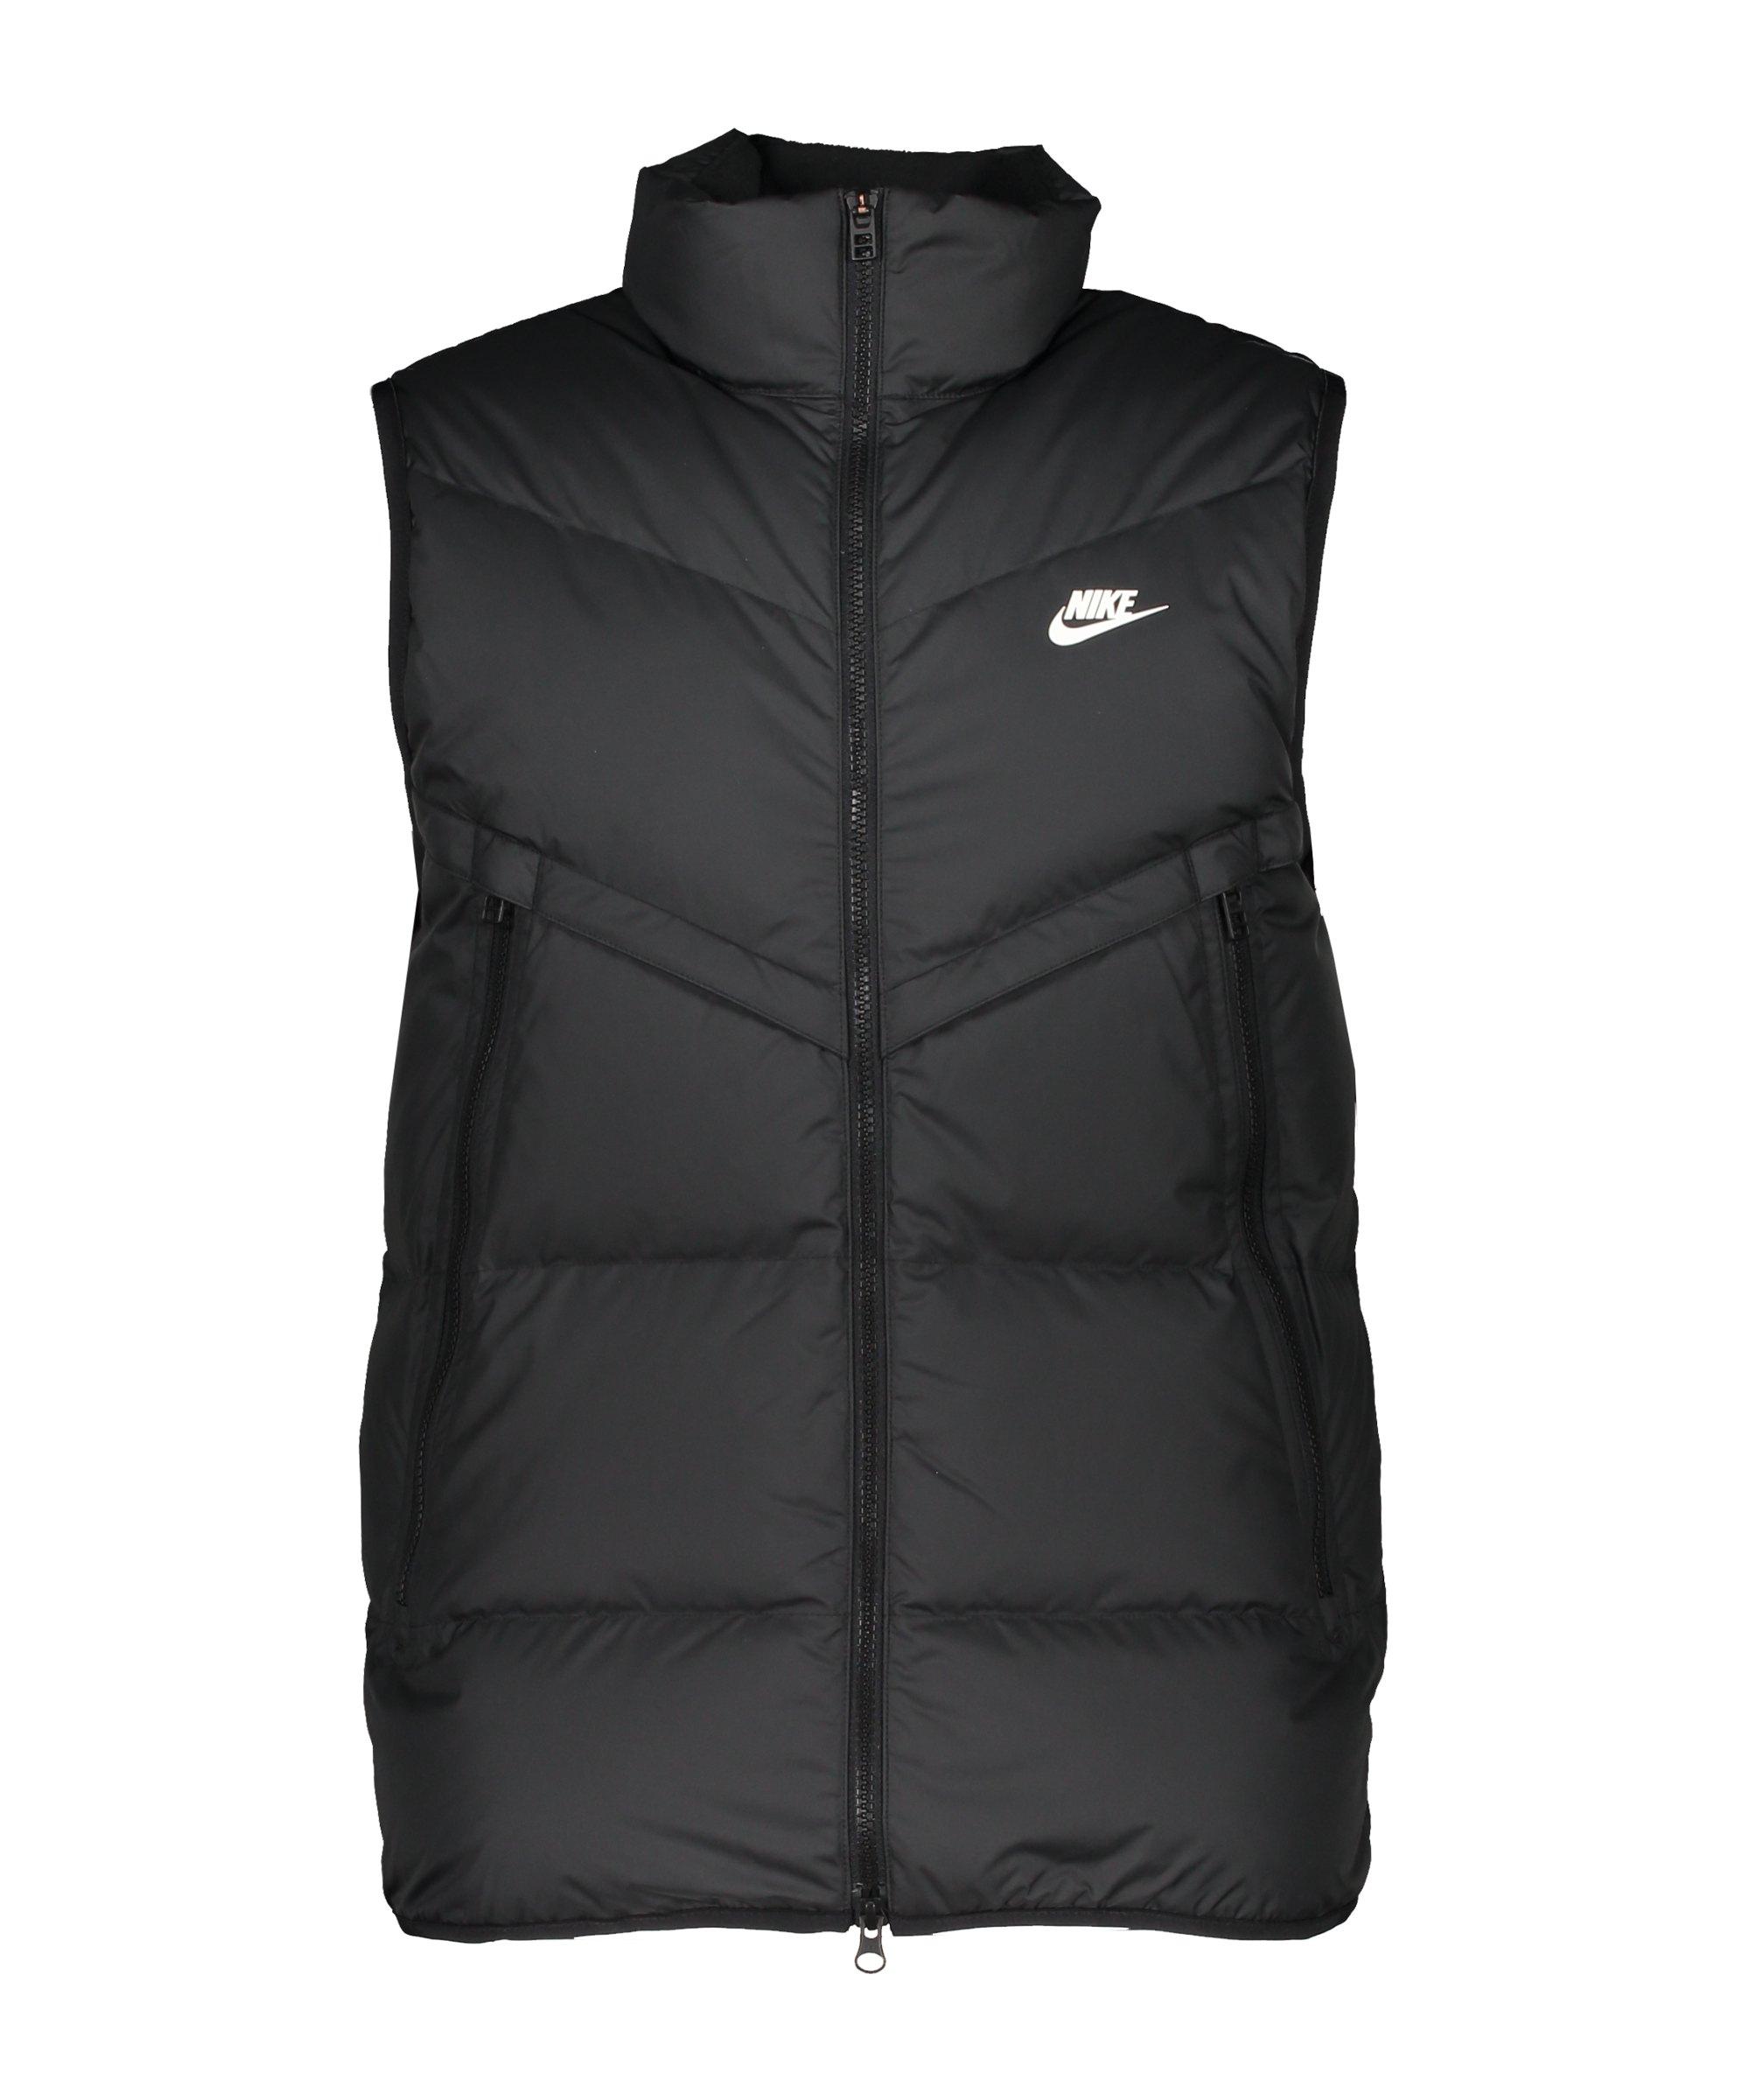 Nike Storm-FIT Weste Schwarz F010 - schwarz